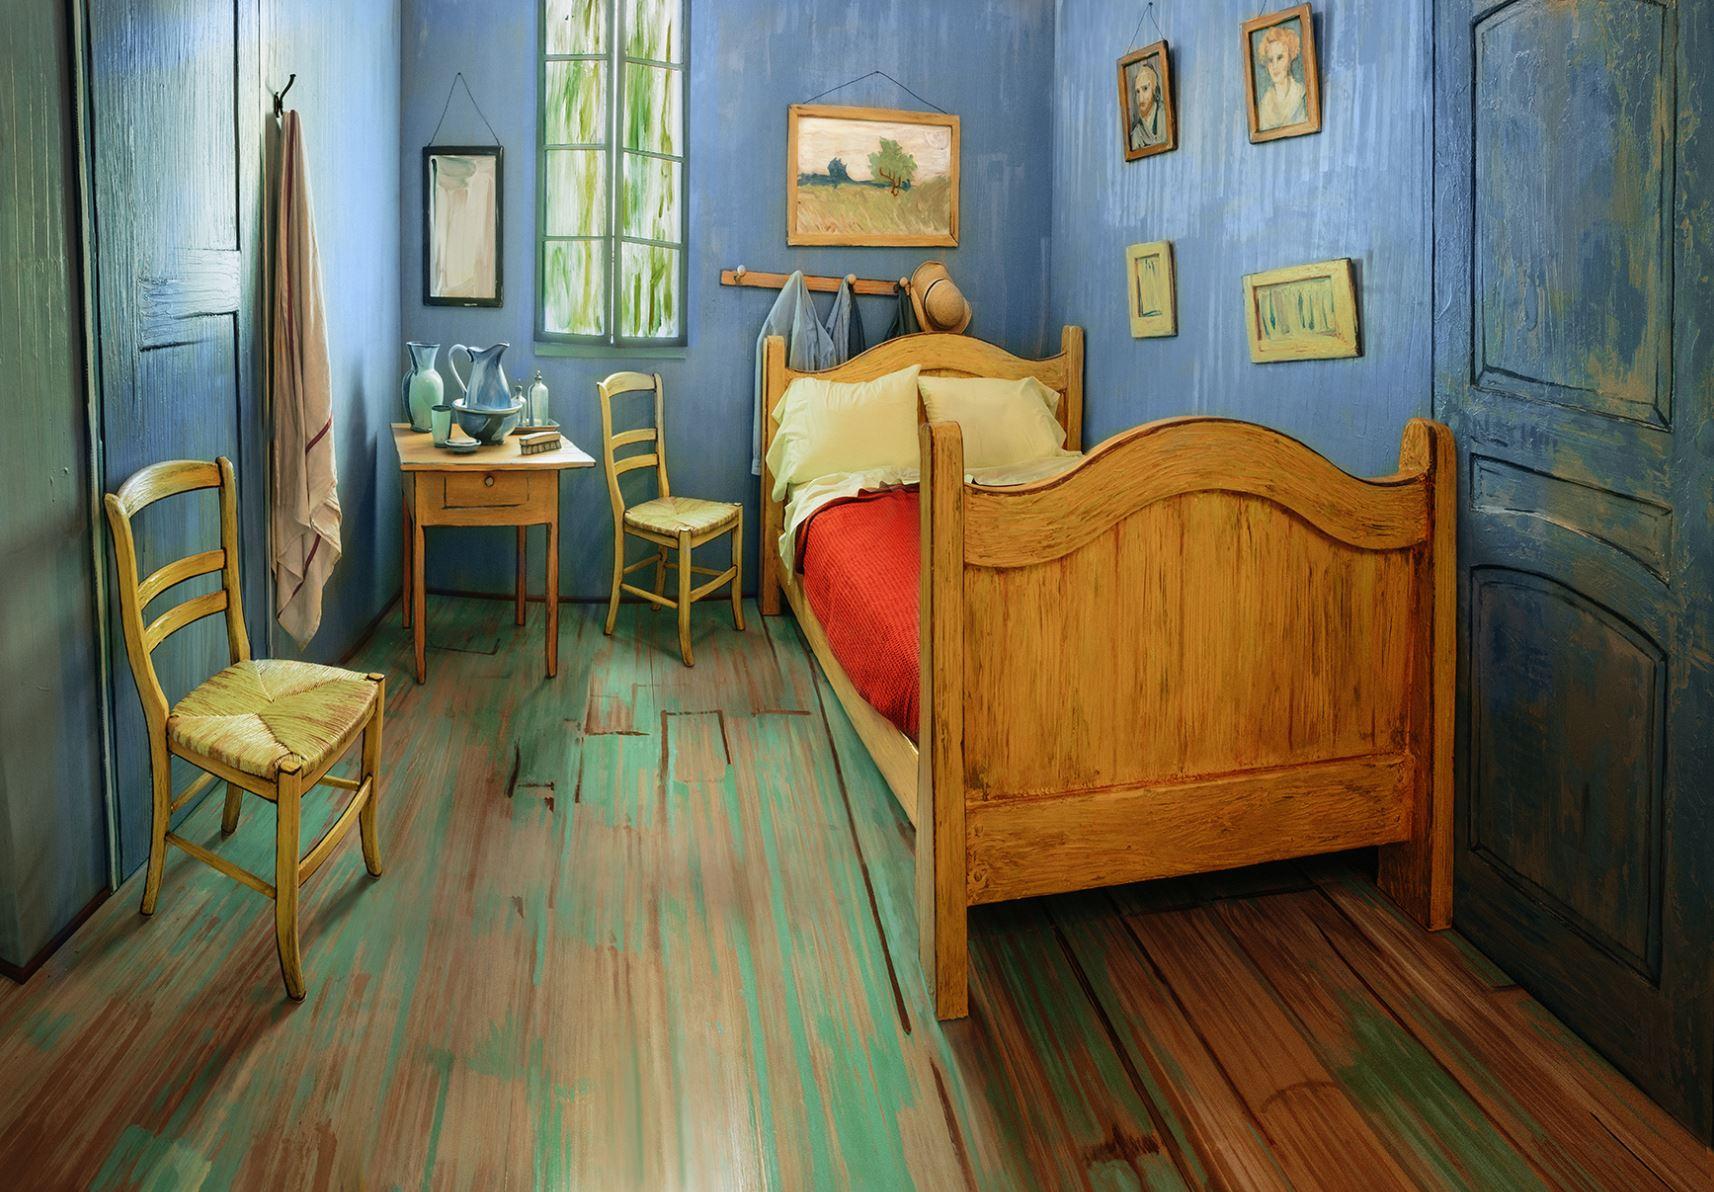 民泊Airbnb、米シカゴで「ゴッホの寝室」を再現した部屋を1泊10ドルで提供